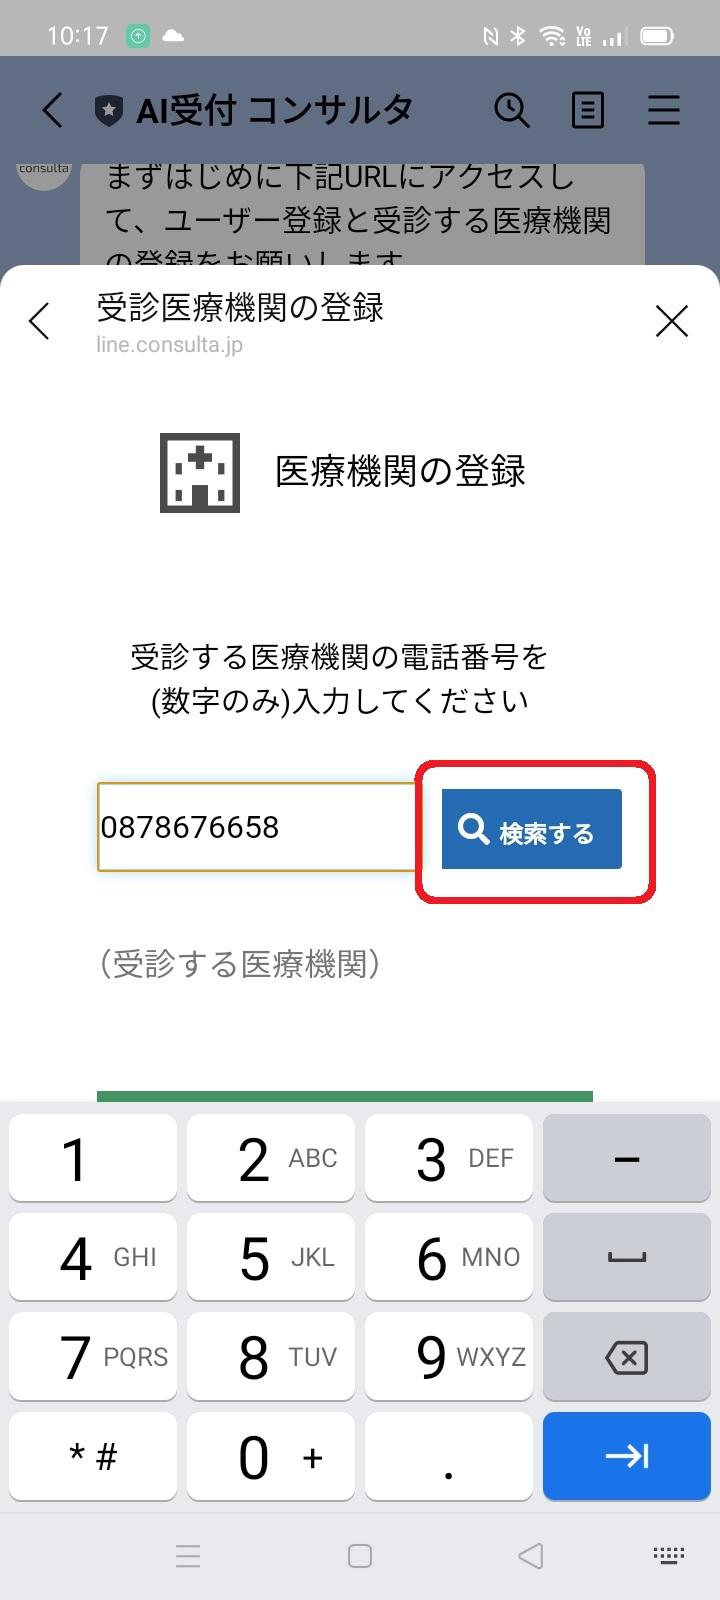 ユーザー登録 医療機関の登録2